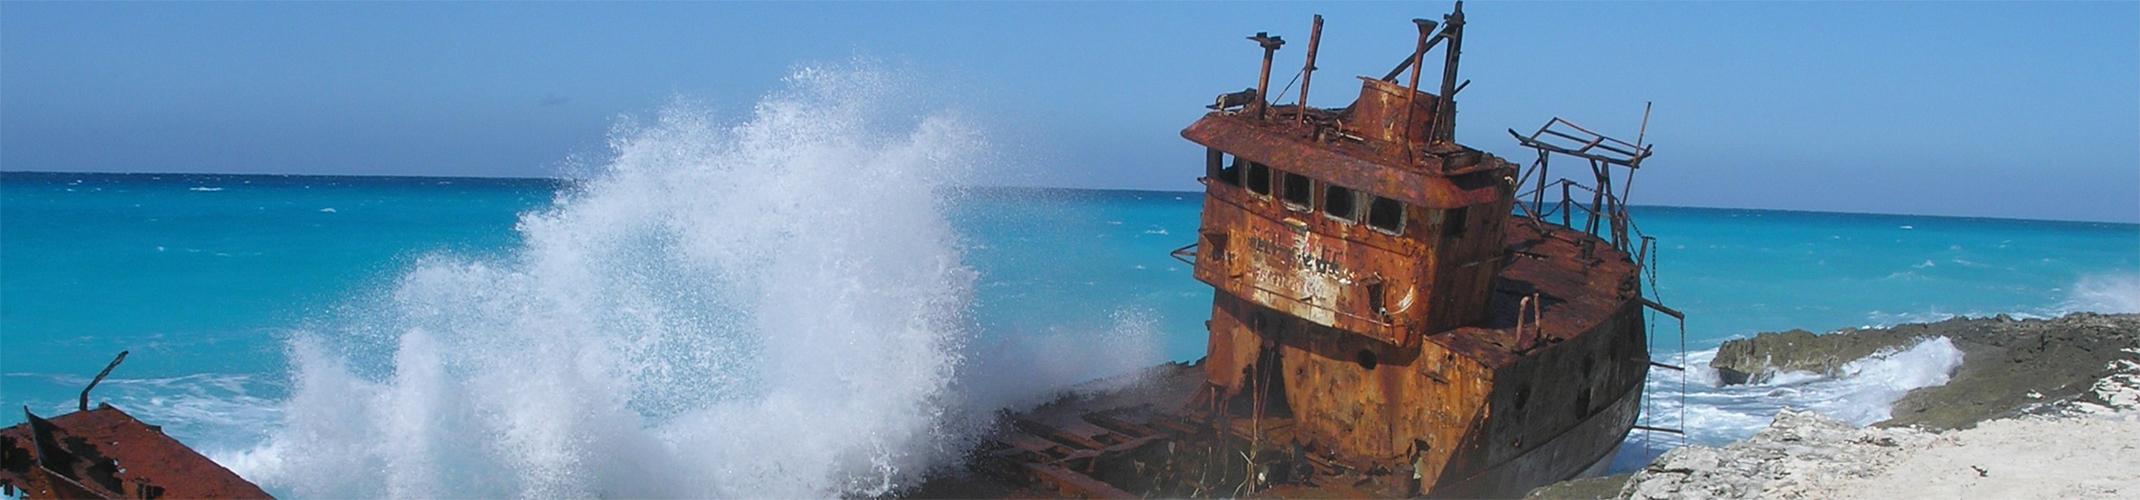 Shipwreck Diving